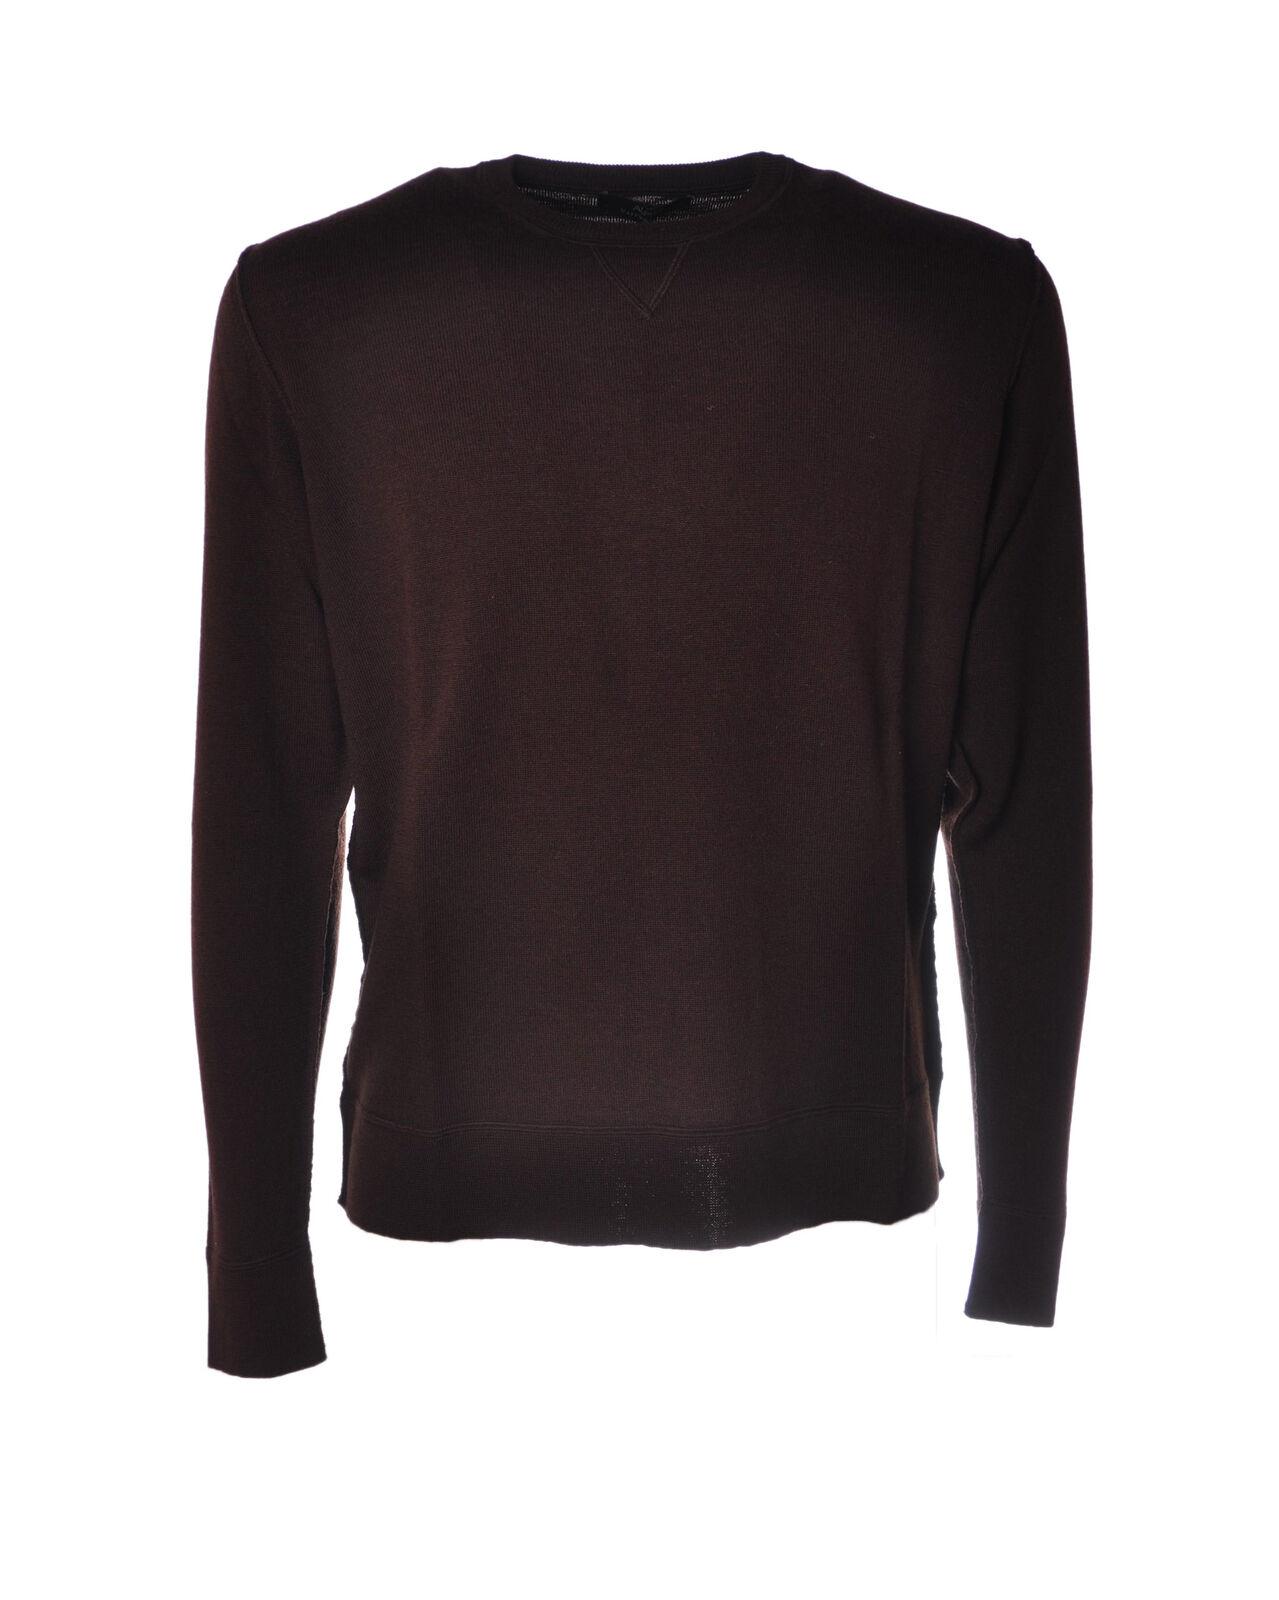 Alpha - Knitwear-Sweaters - Man - Brown - 4628906C194650